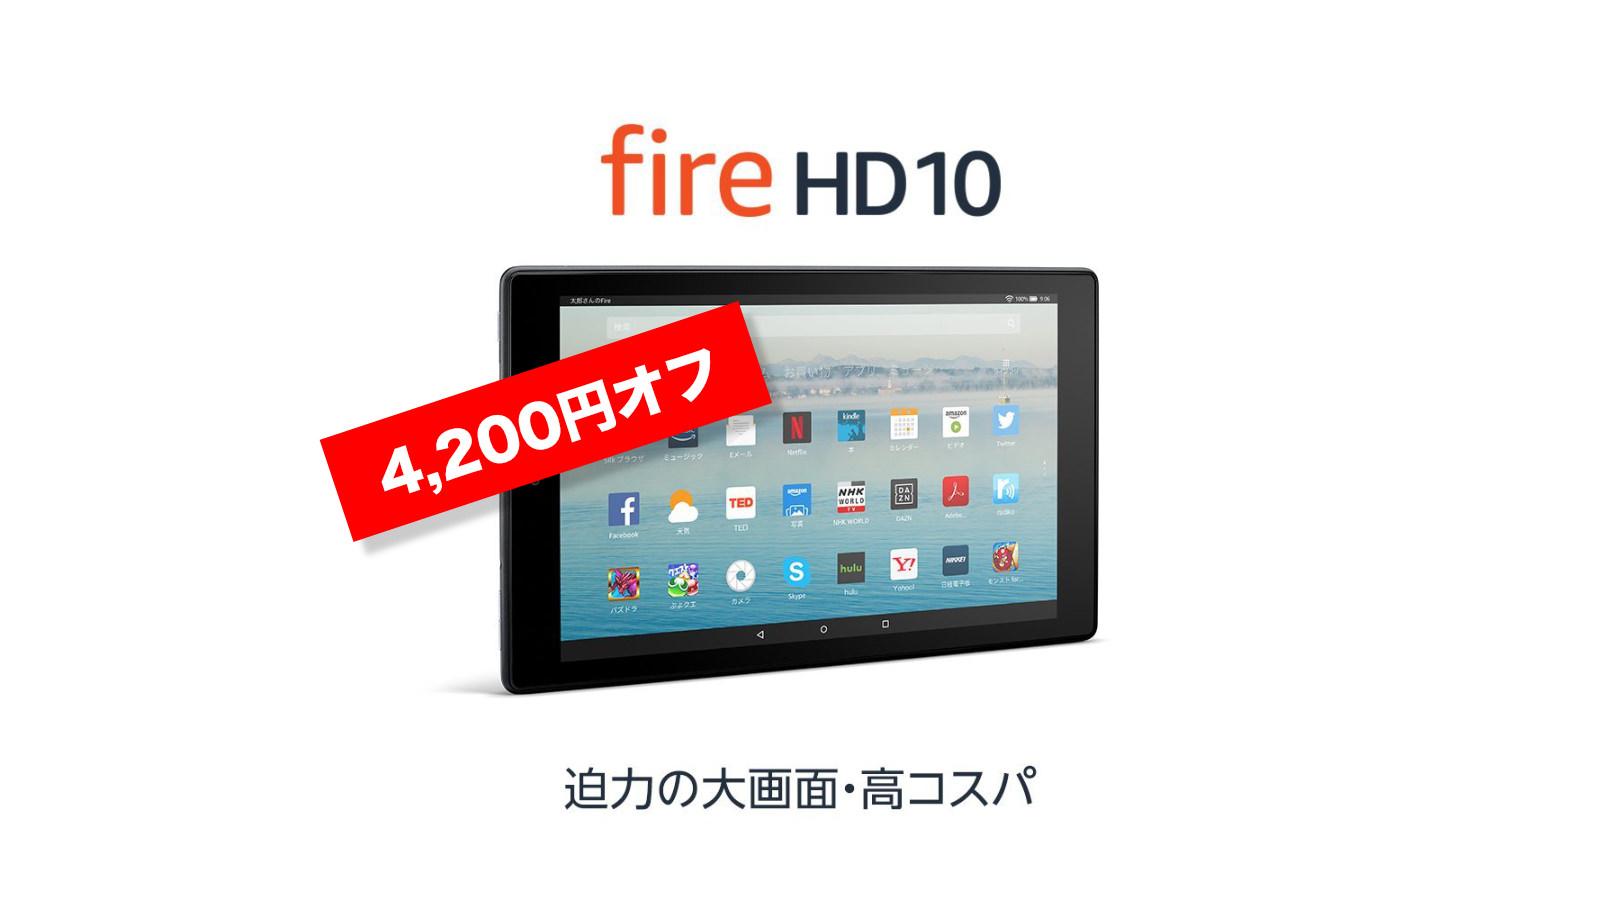 FireHD 10 Sale 4200yen off